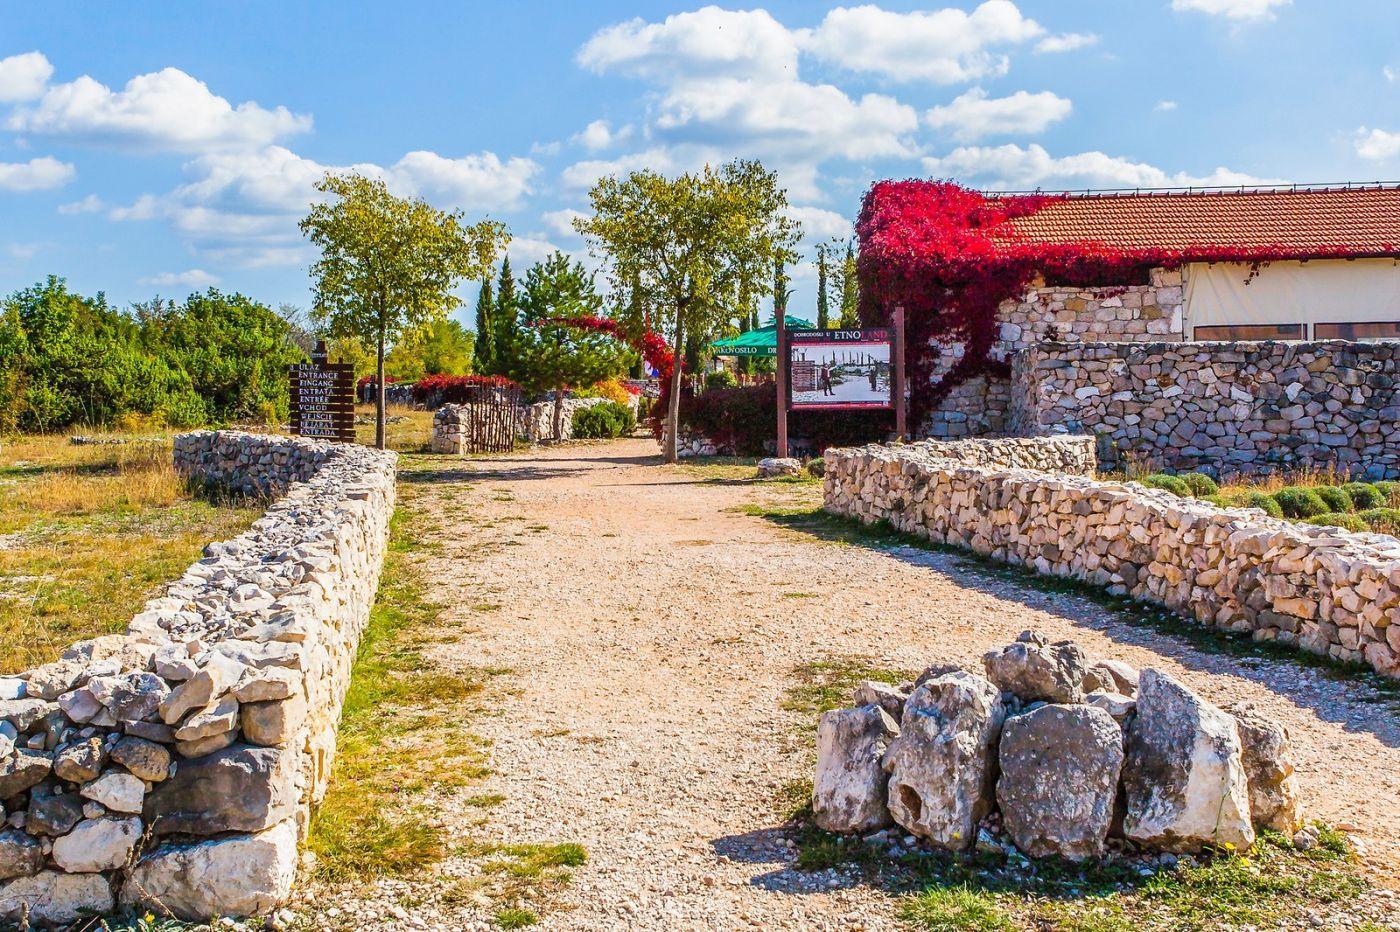 克罗地亚达尔马提亚村,独特的地域风貌_图1-27